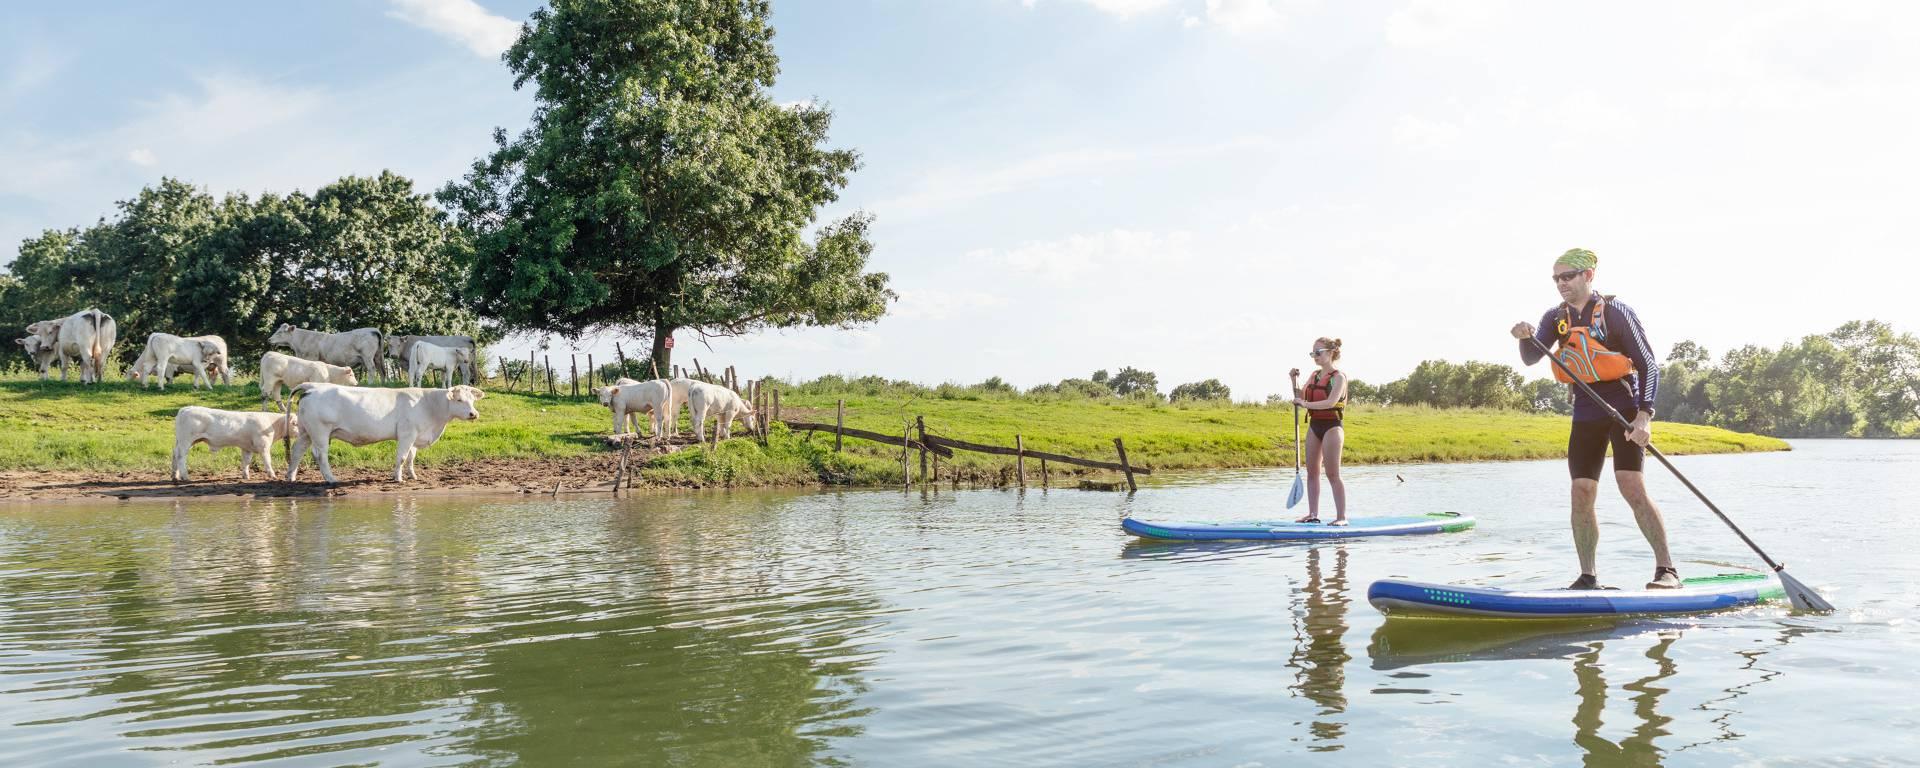 Personnes sur des paddles sur la rivière Sarthe